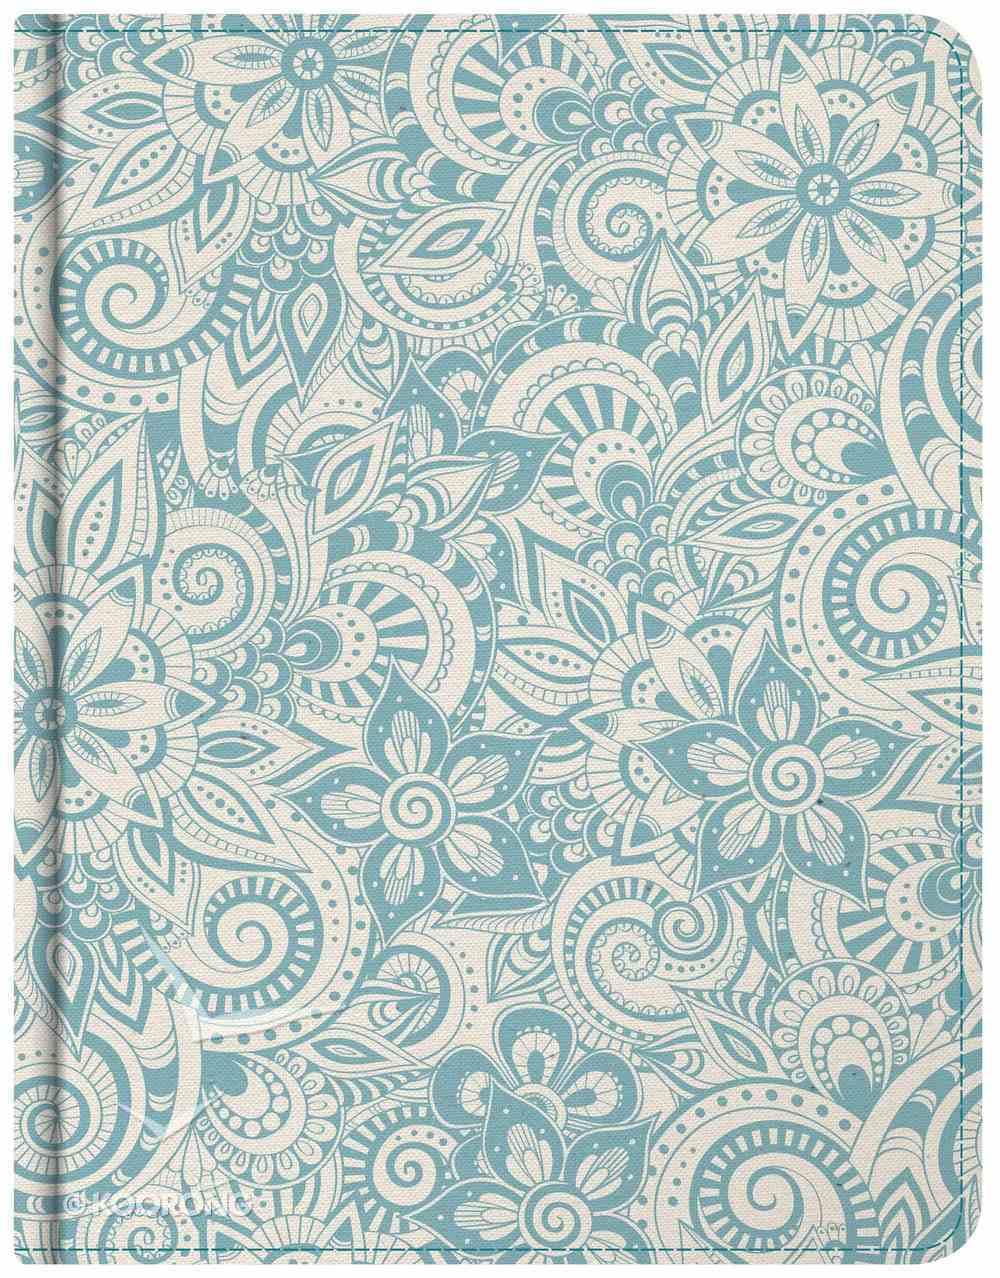 HCSB Notetaking Bible Blue Floral Hardback